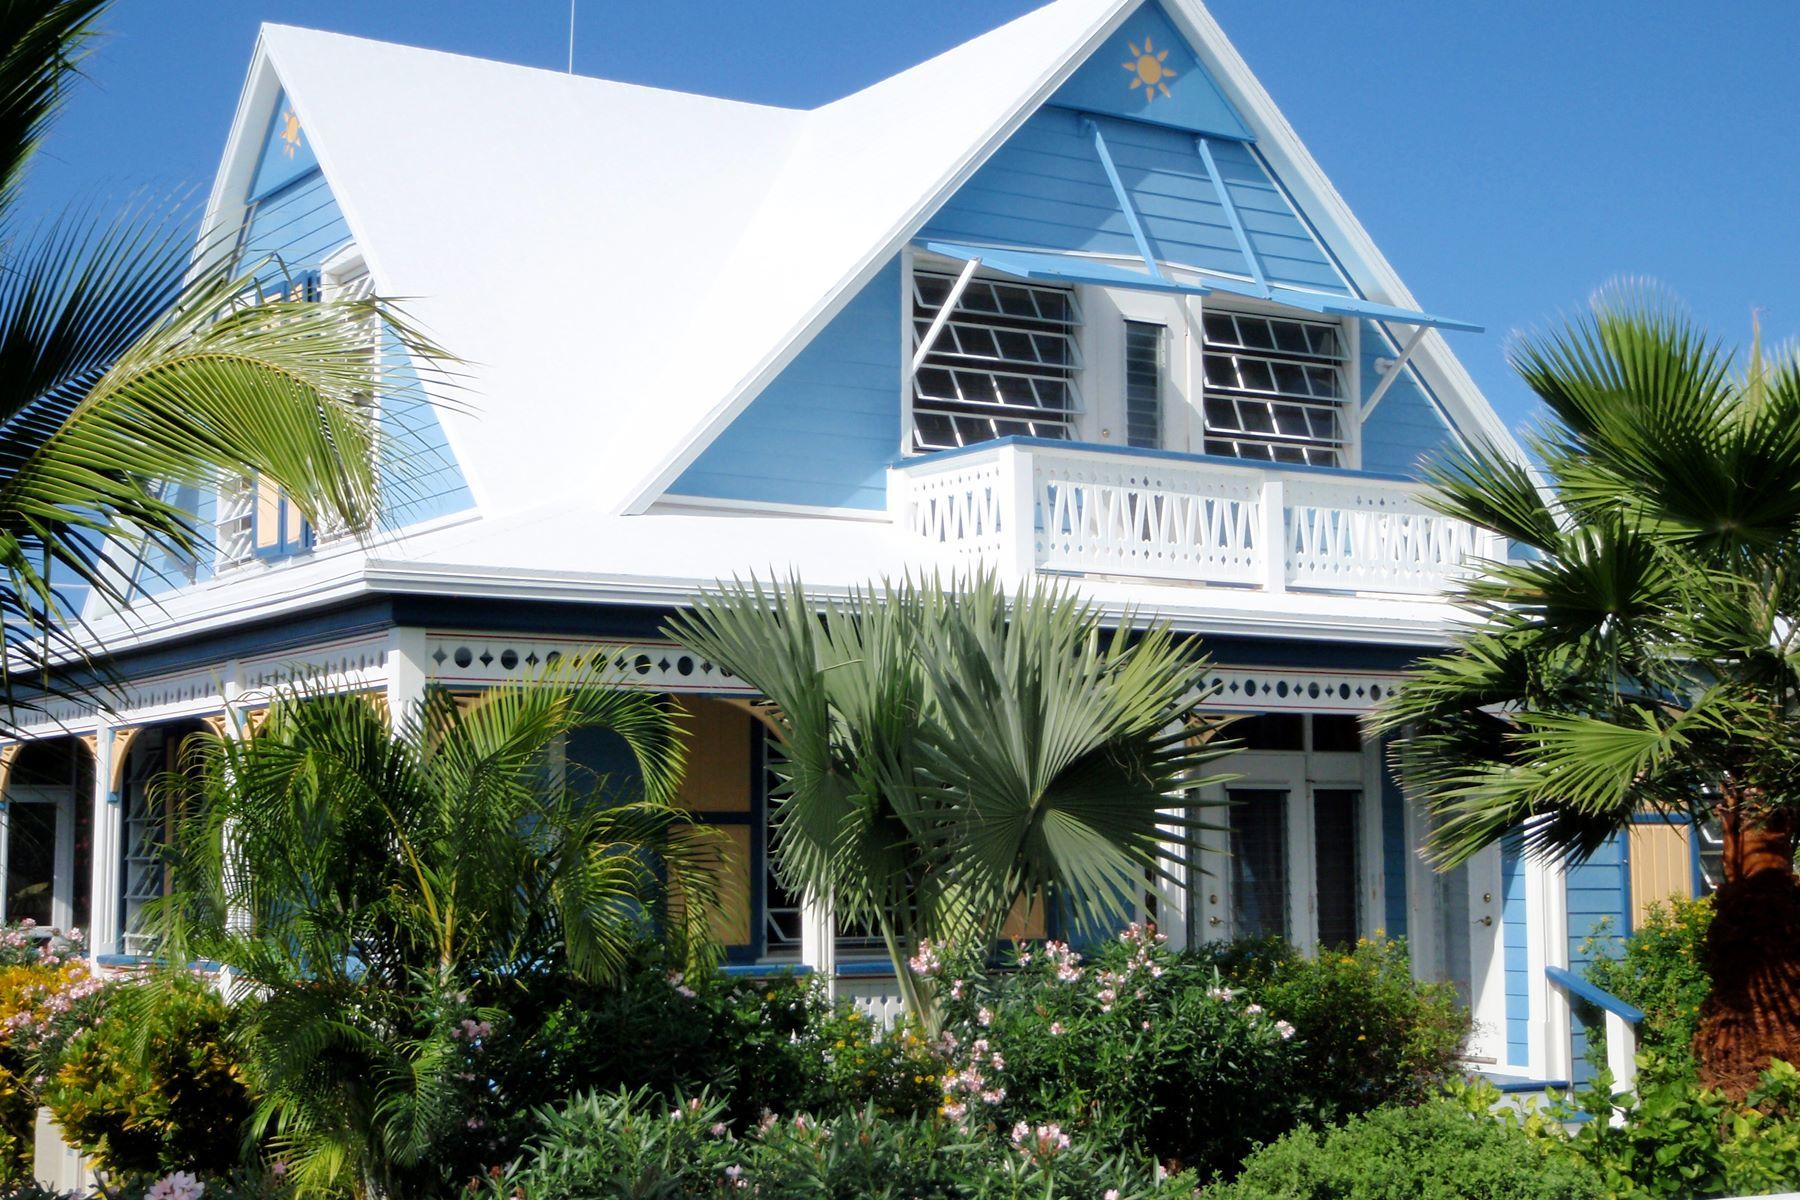 Casa para uma família para Venda às Blue Skies Spanish Wells, Eleuteria, Bahamas